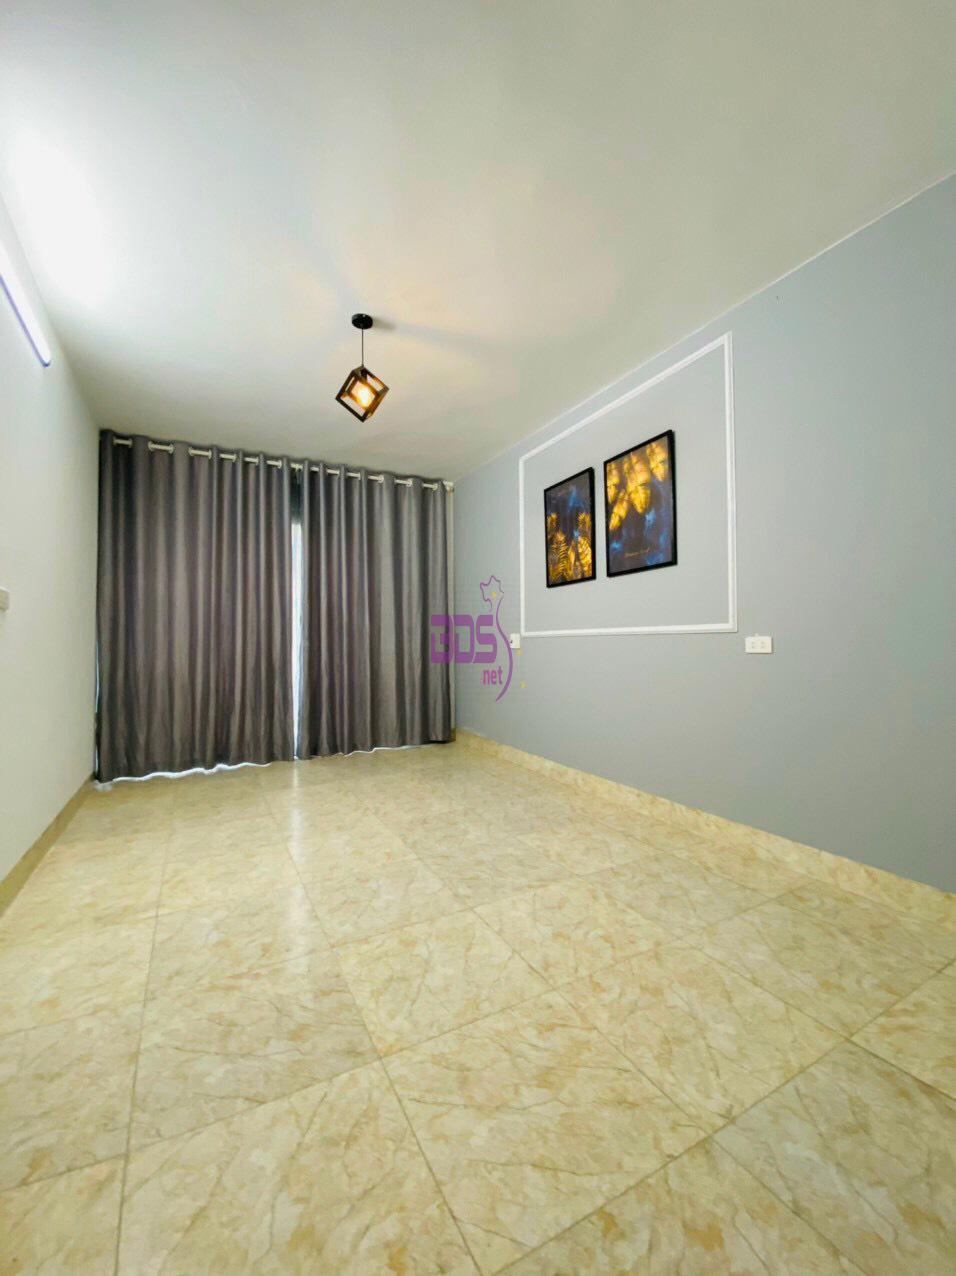 Bán dùm chủ căn nhà 2 tầng phố Lê Viết Quang, Ngọc Châu 59.3m2-2